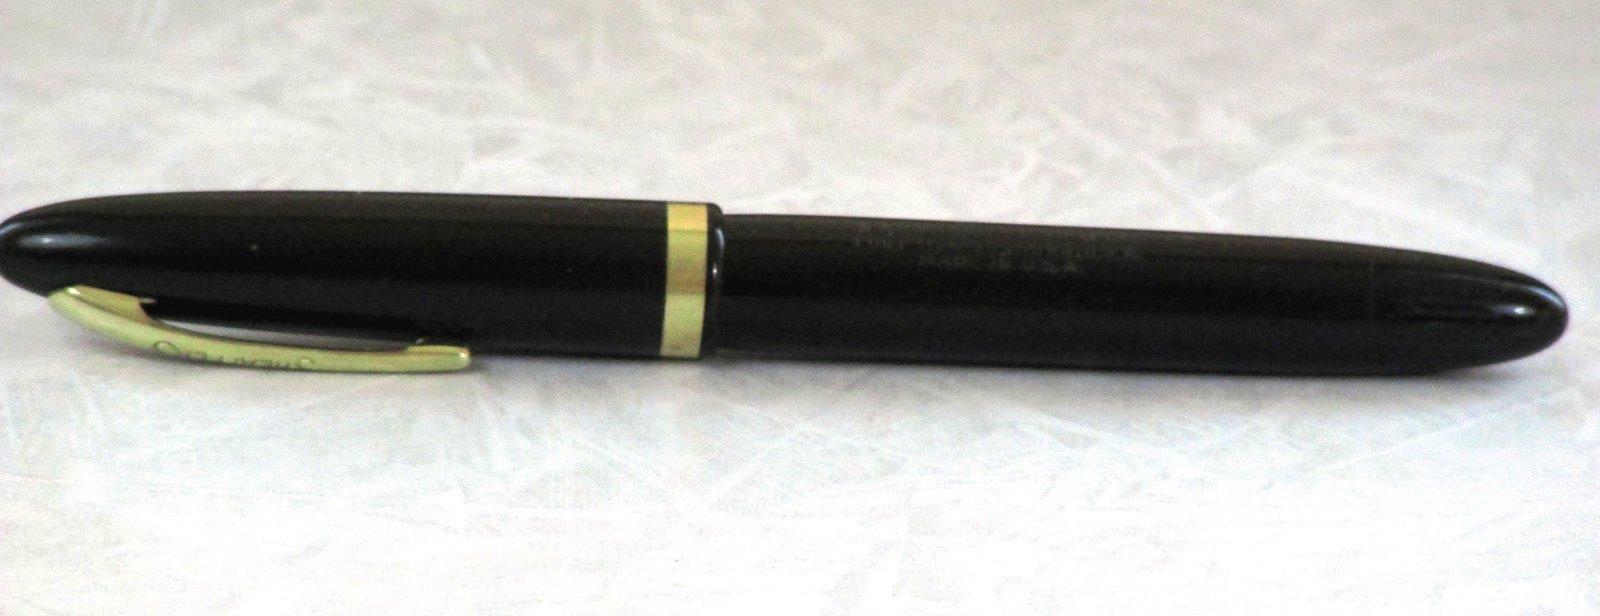 Sheaffer Fountain Pen Touchdown Admiral 14k Nib # 5 Feather Touch White Dot Vac